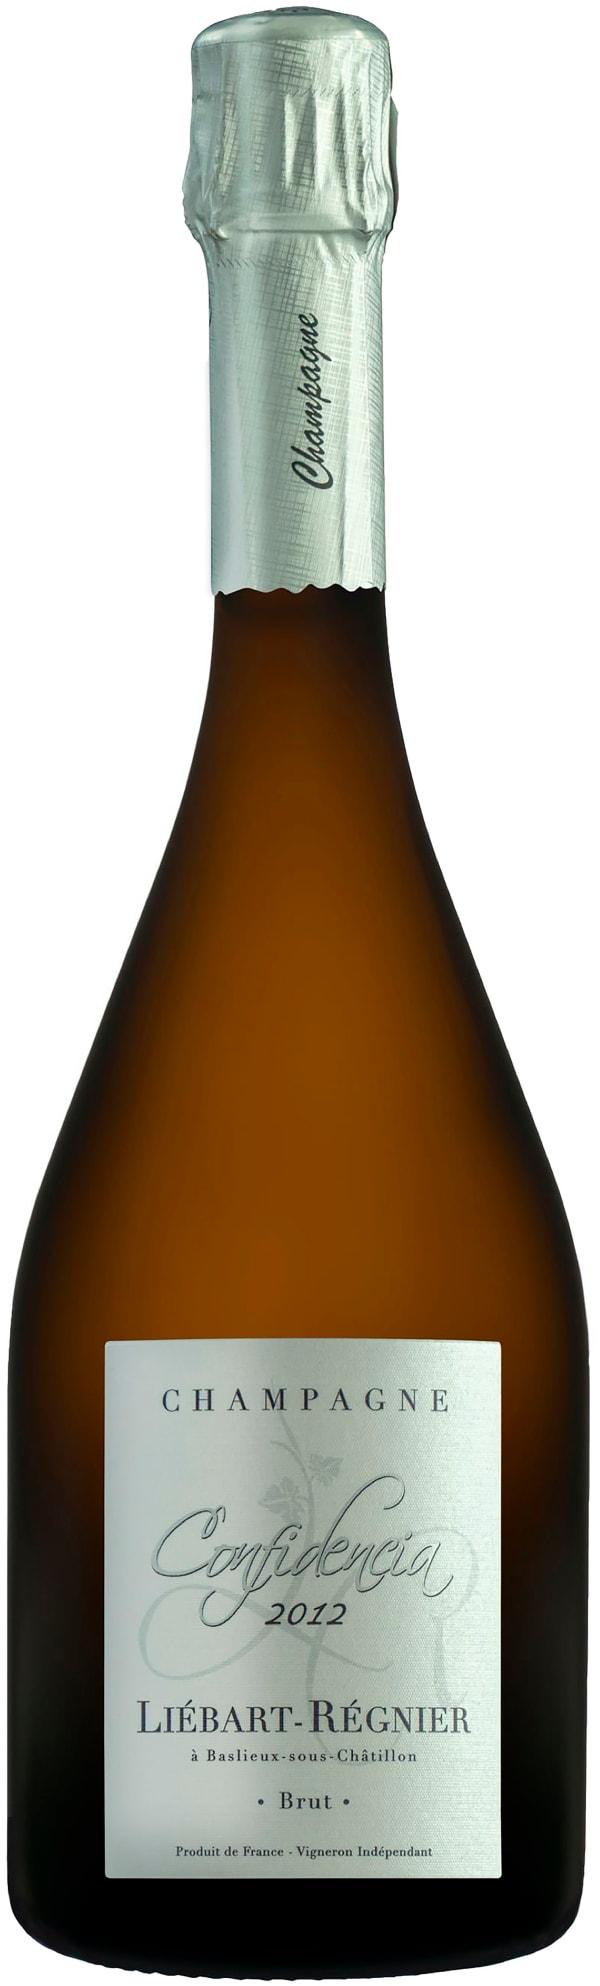 Liébart-Régnier Confidencia Champagne Brut 2012